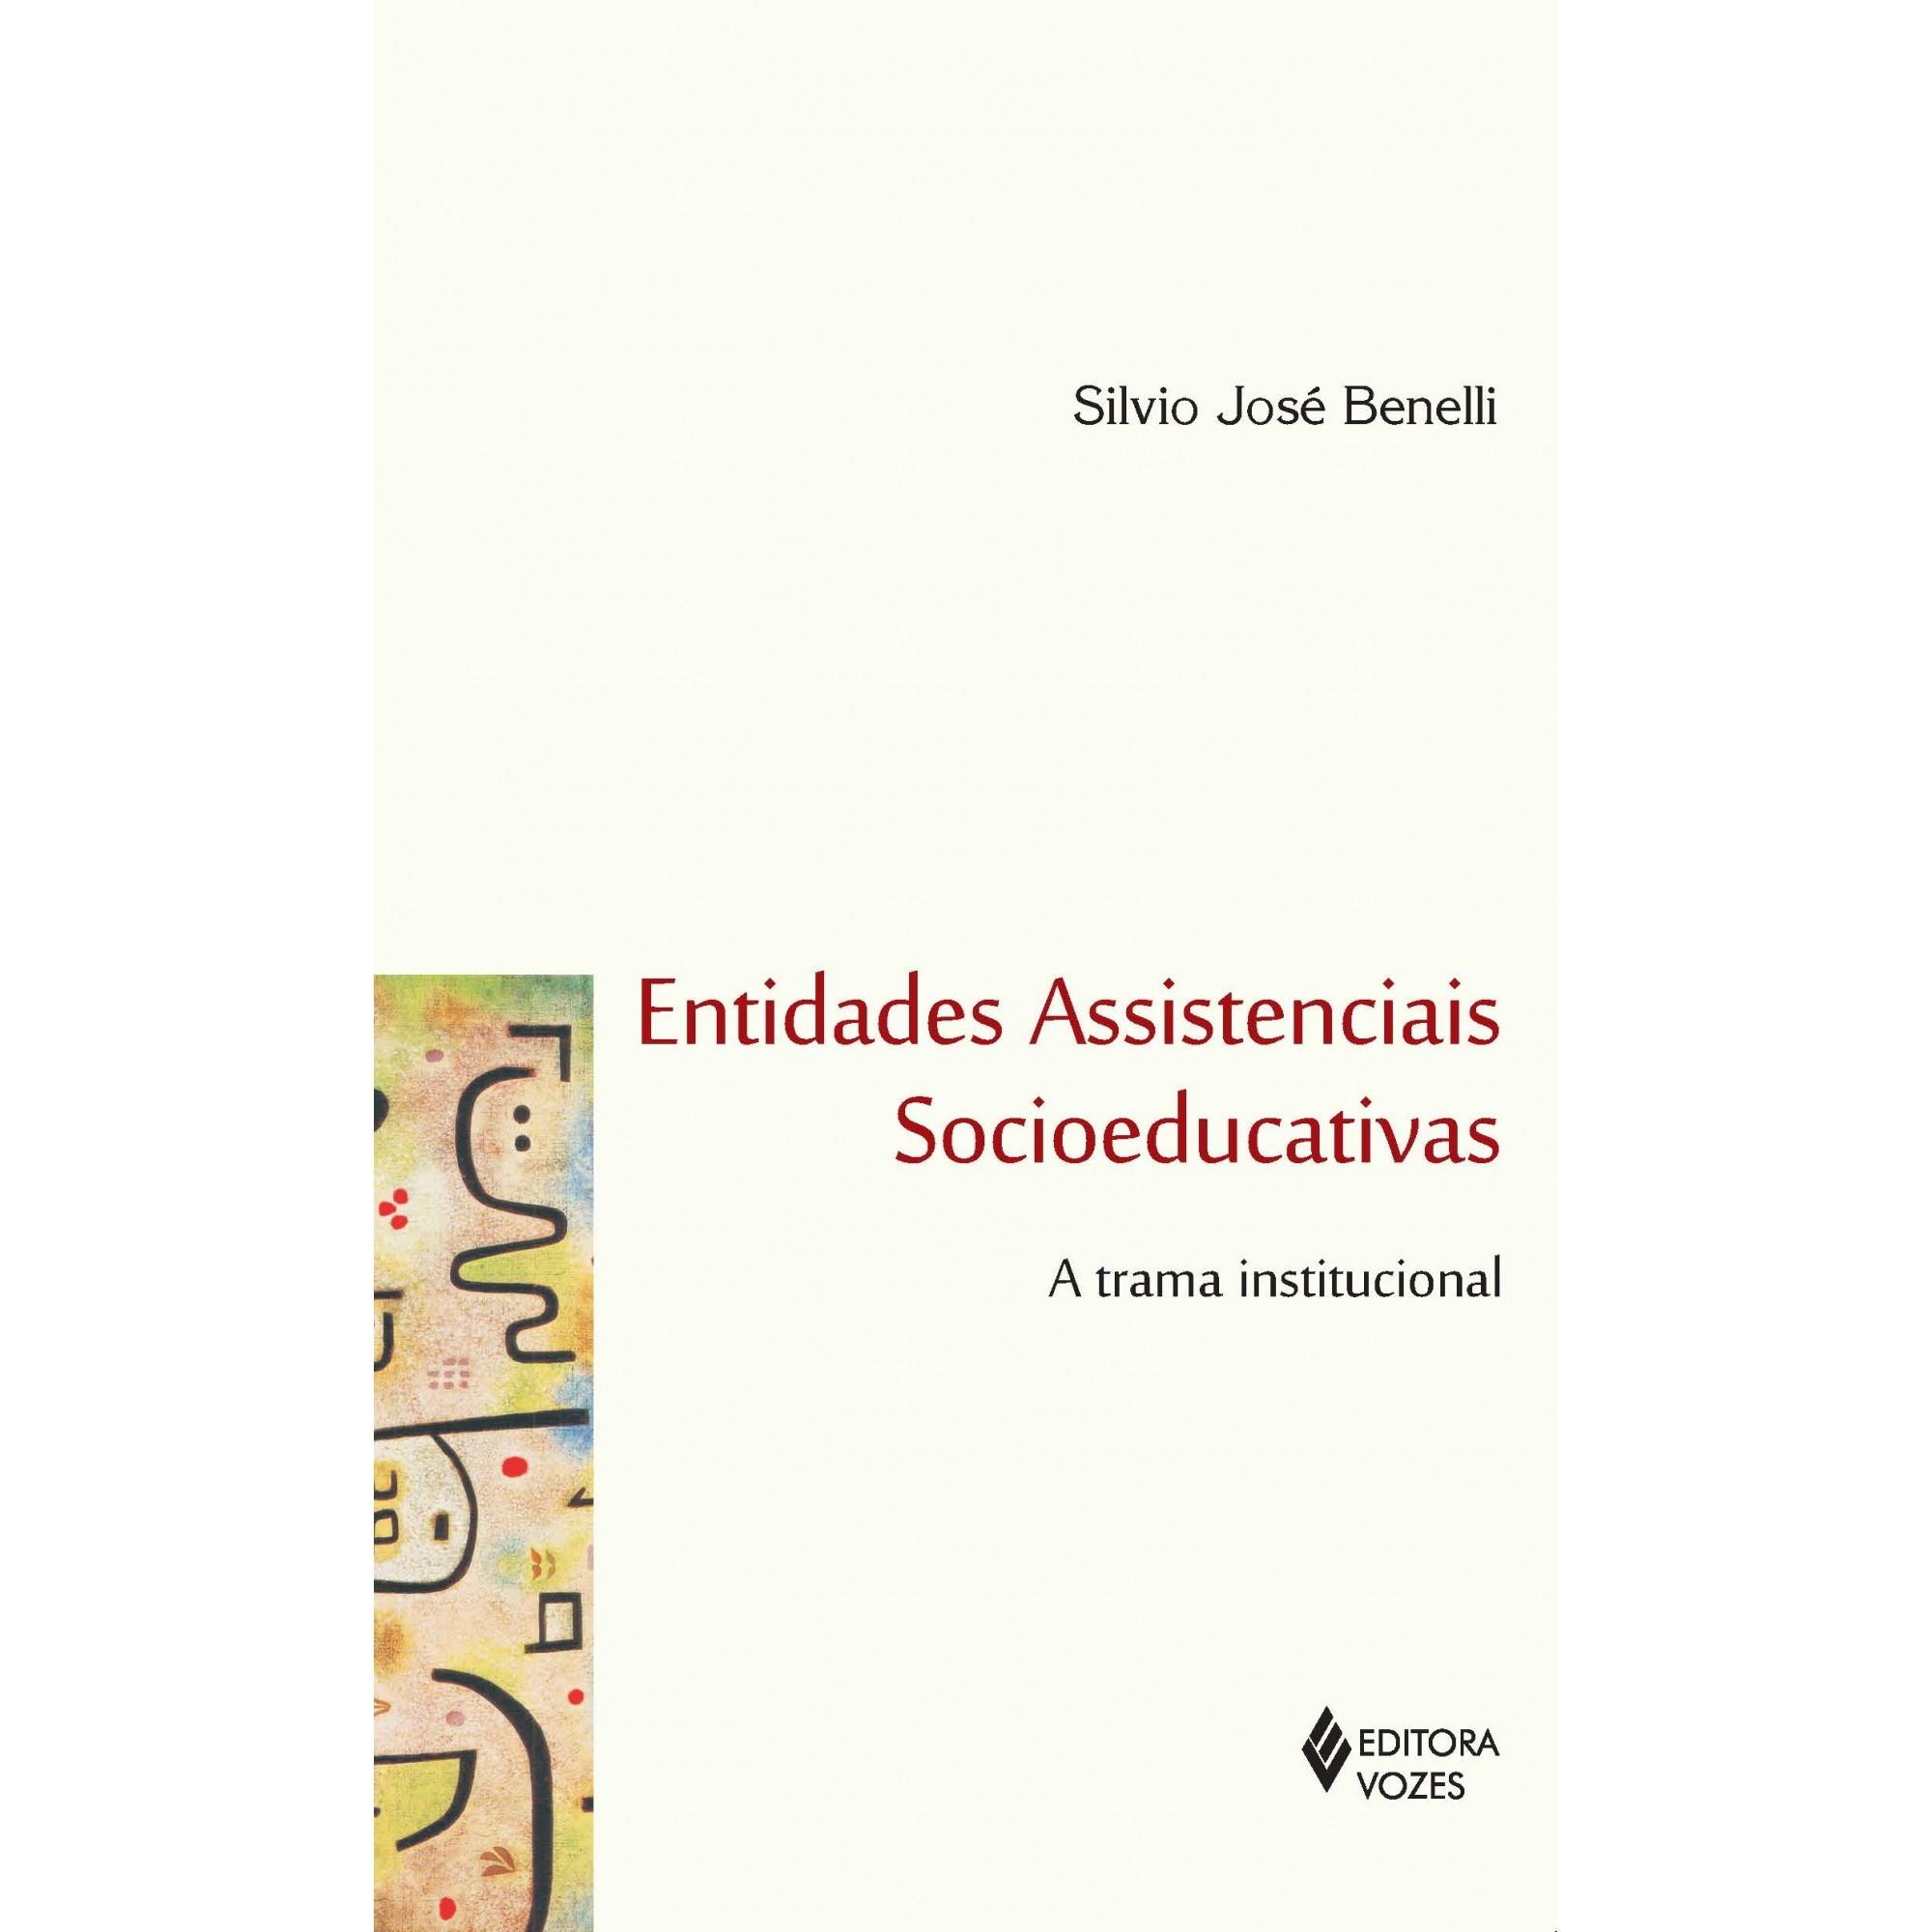 ENTIDADES ASSISTENCIAIS SOCIOEDUCATIVAS